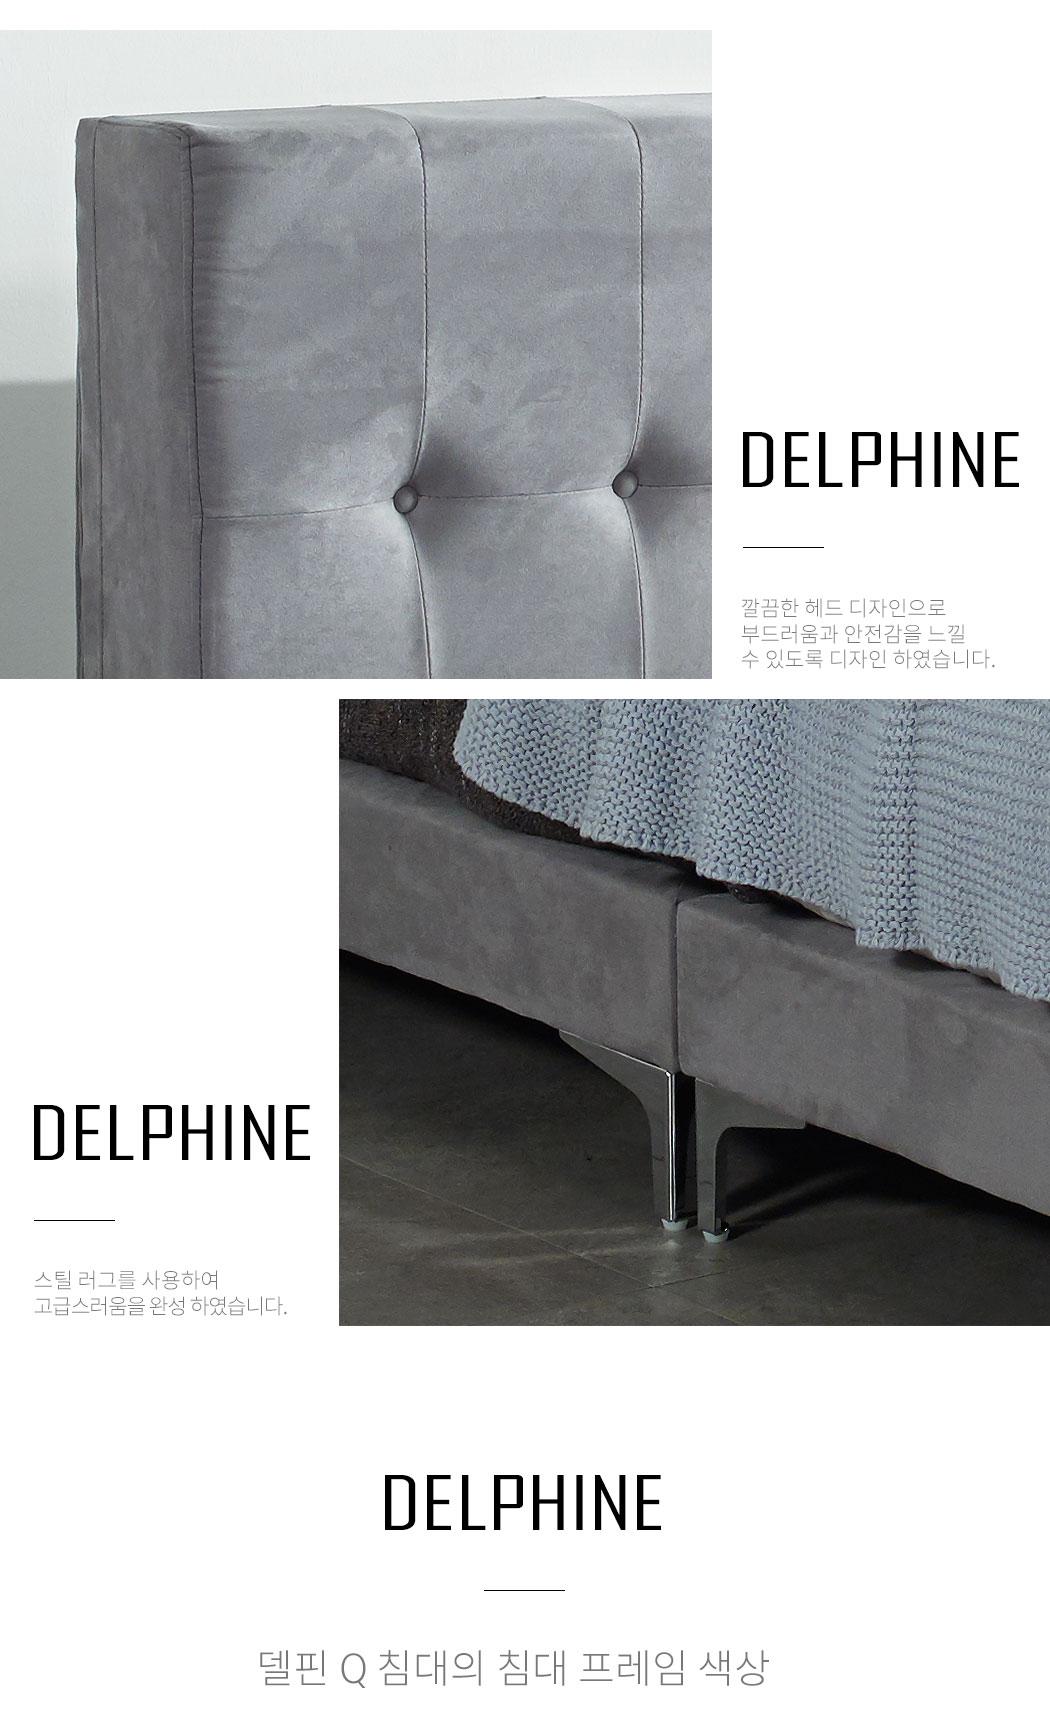 Delphine_07.jpg